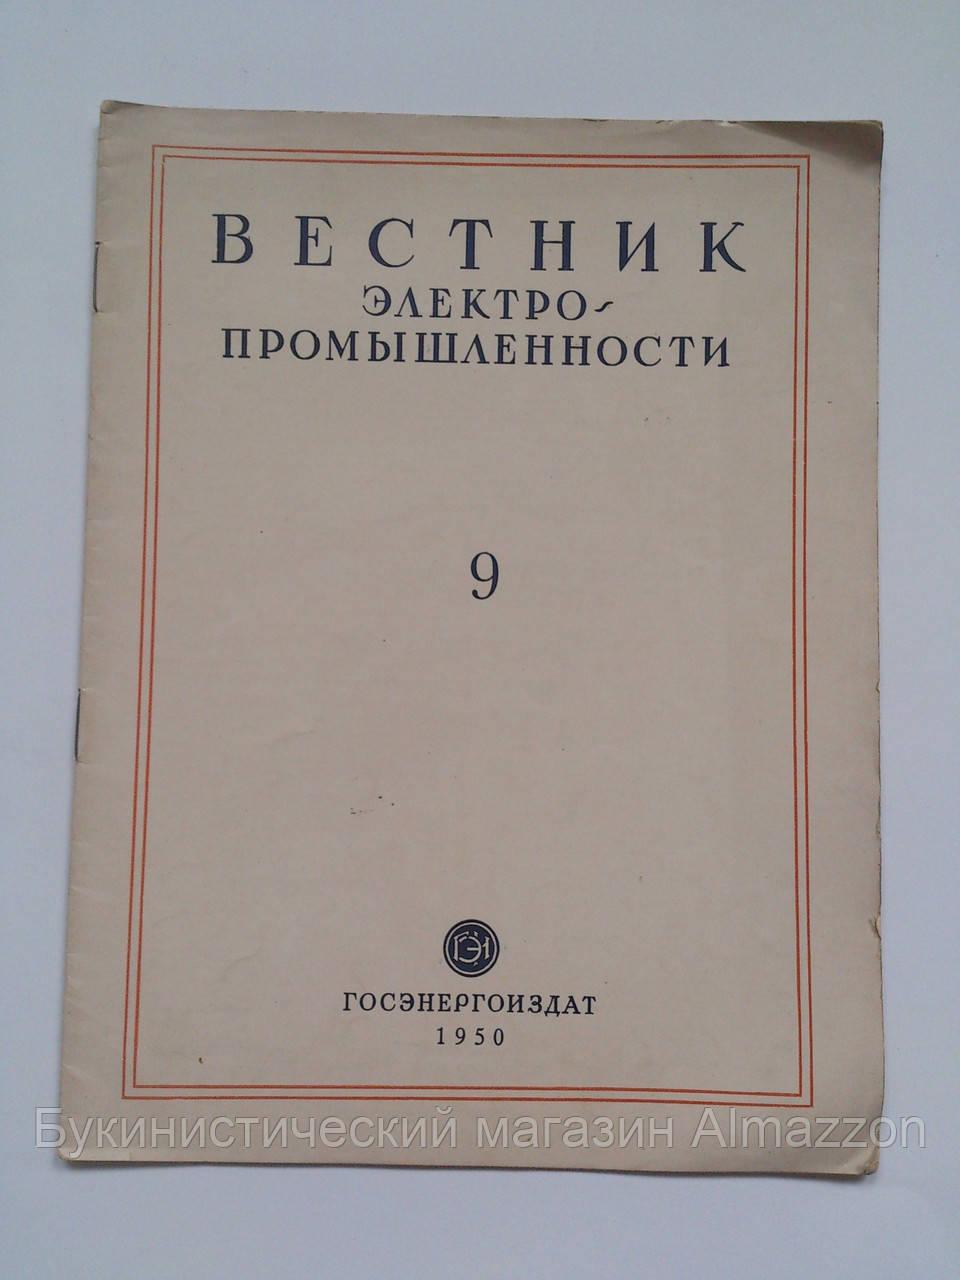 """Журнал """"Вестник электропромышленности"""" 9.1950 год"""